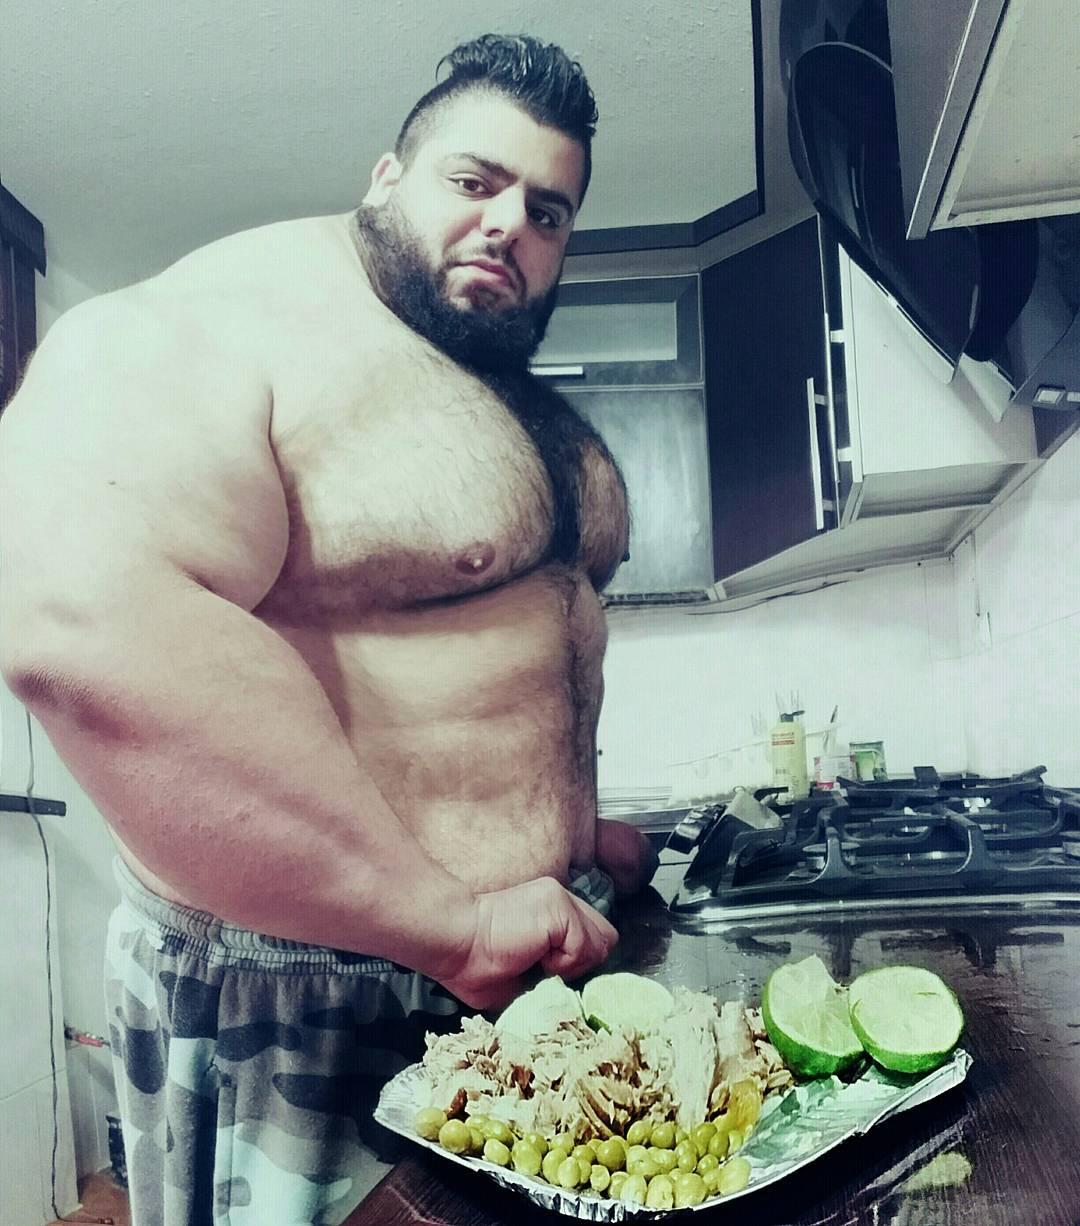 【超筋肉】イランのリアル超人ハルク、ワイ虚弱ニキ喧嘩したら一秒で殺されそう・・・・・(画像)・5枚目